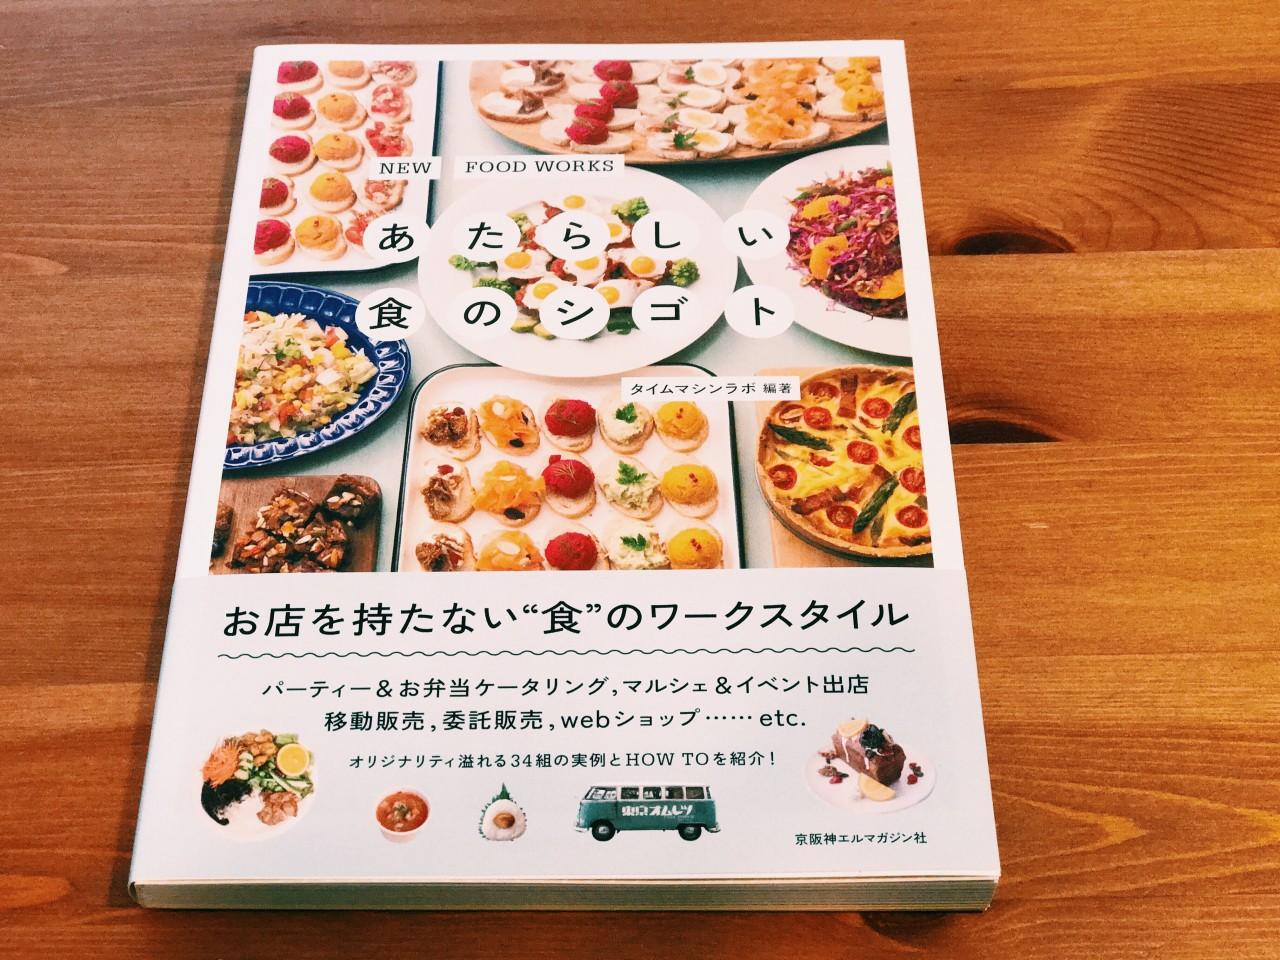 監修したケータリング書籍『あらたしい食のシゴト』が2017年4月15日発売しました!